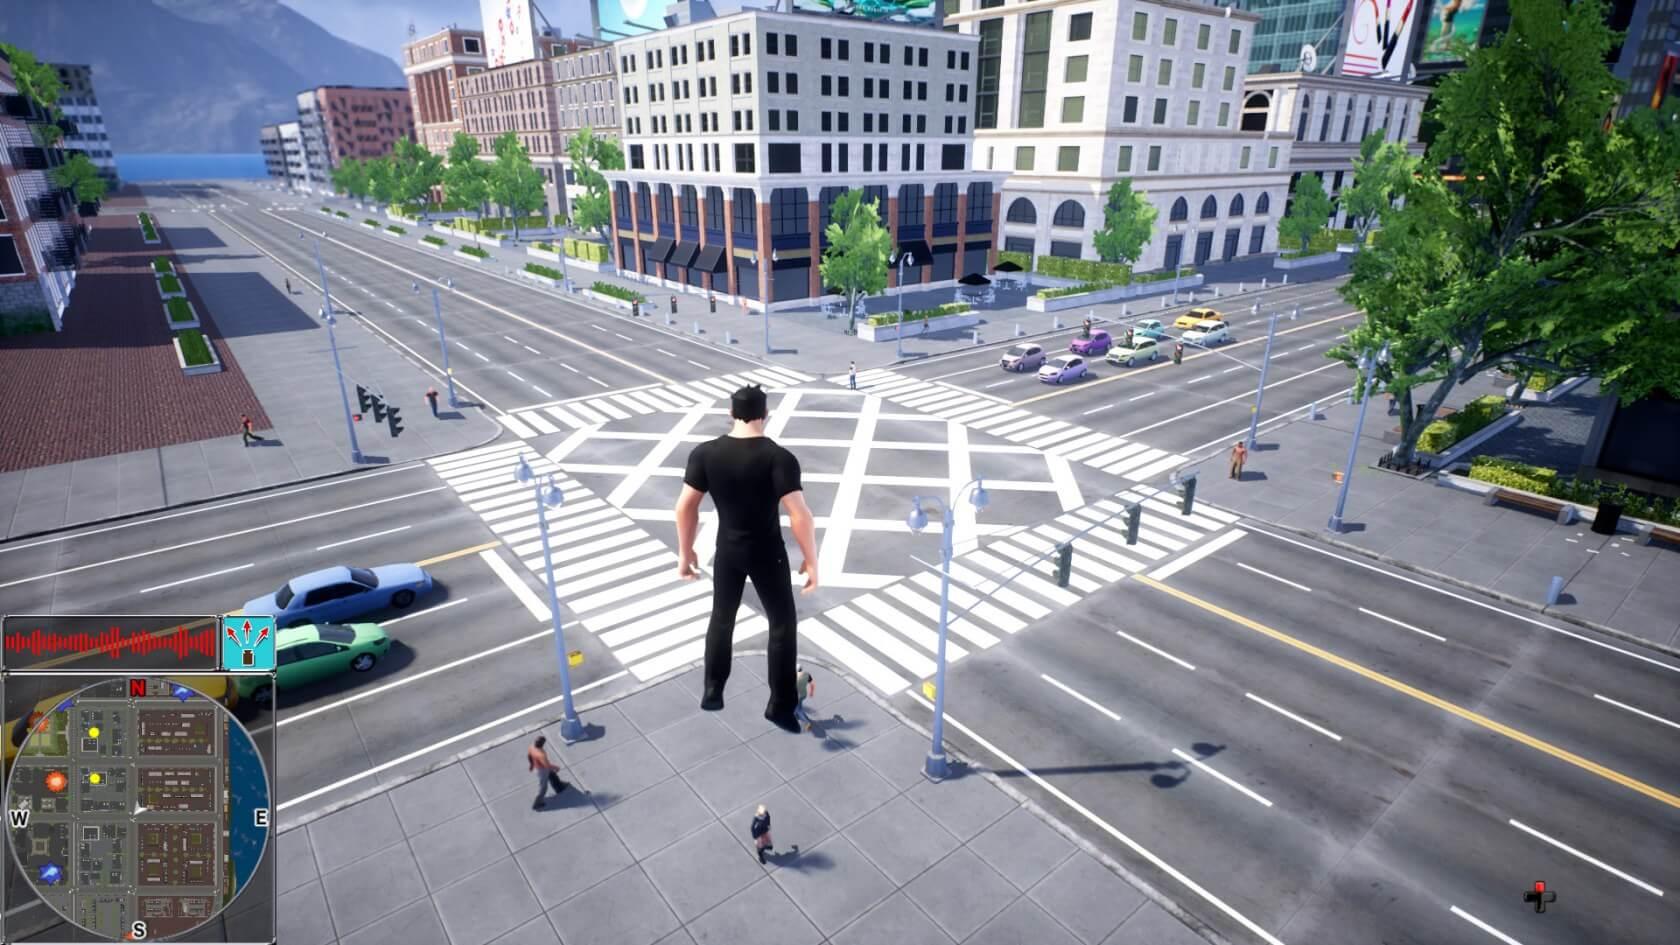 Undefeated, se quiseres ser o Super Homem este jogo é para ti.